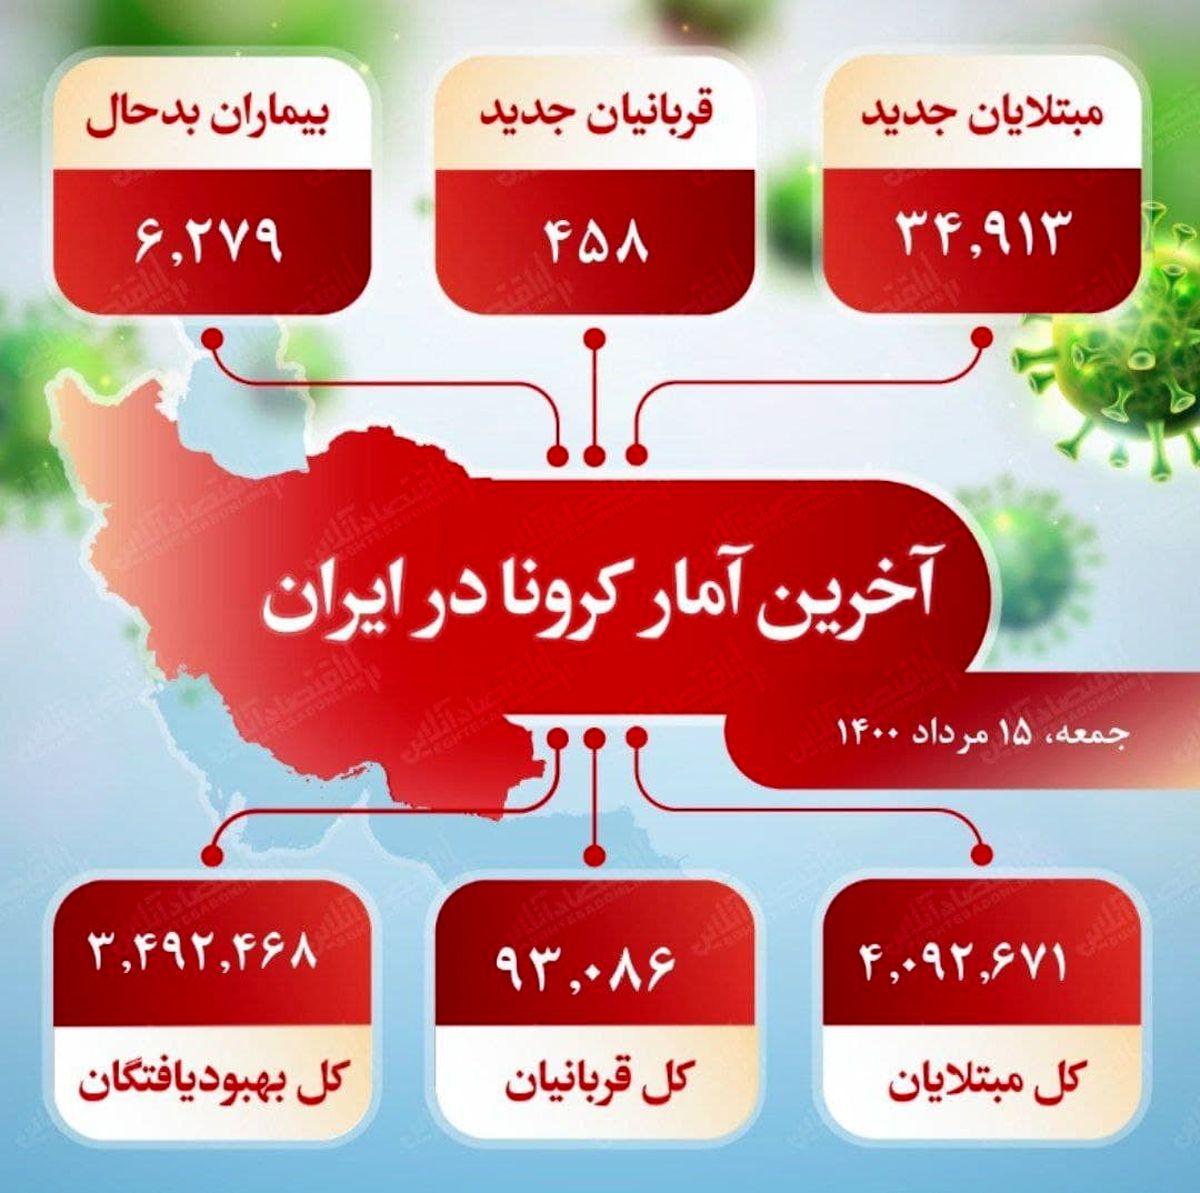 آخرین آمار کرونا در ایران (۱۴۰۰/۵/۱۵)